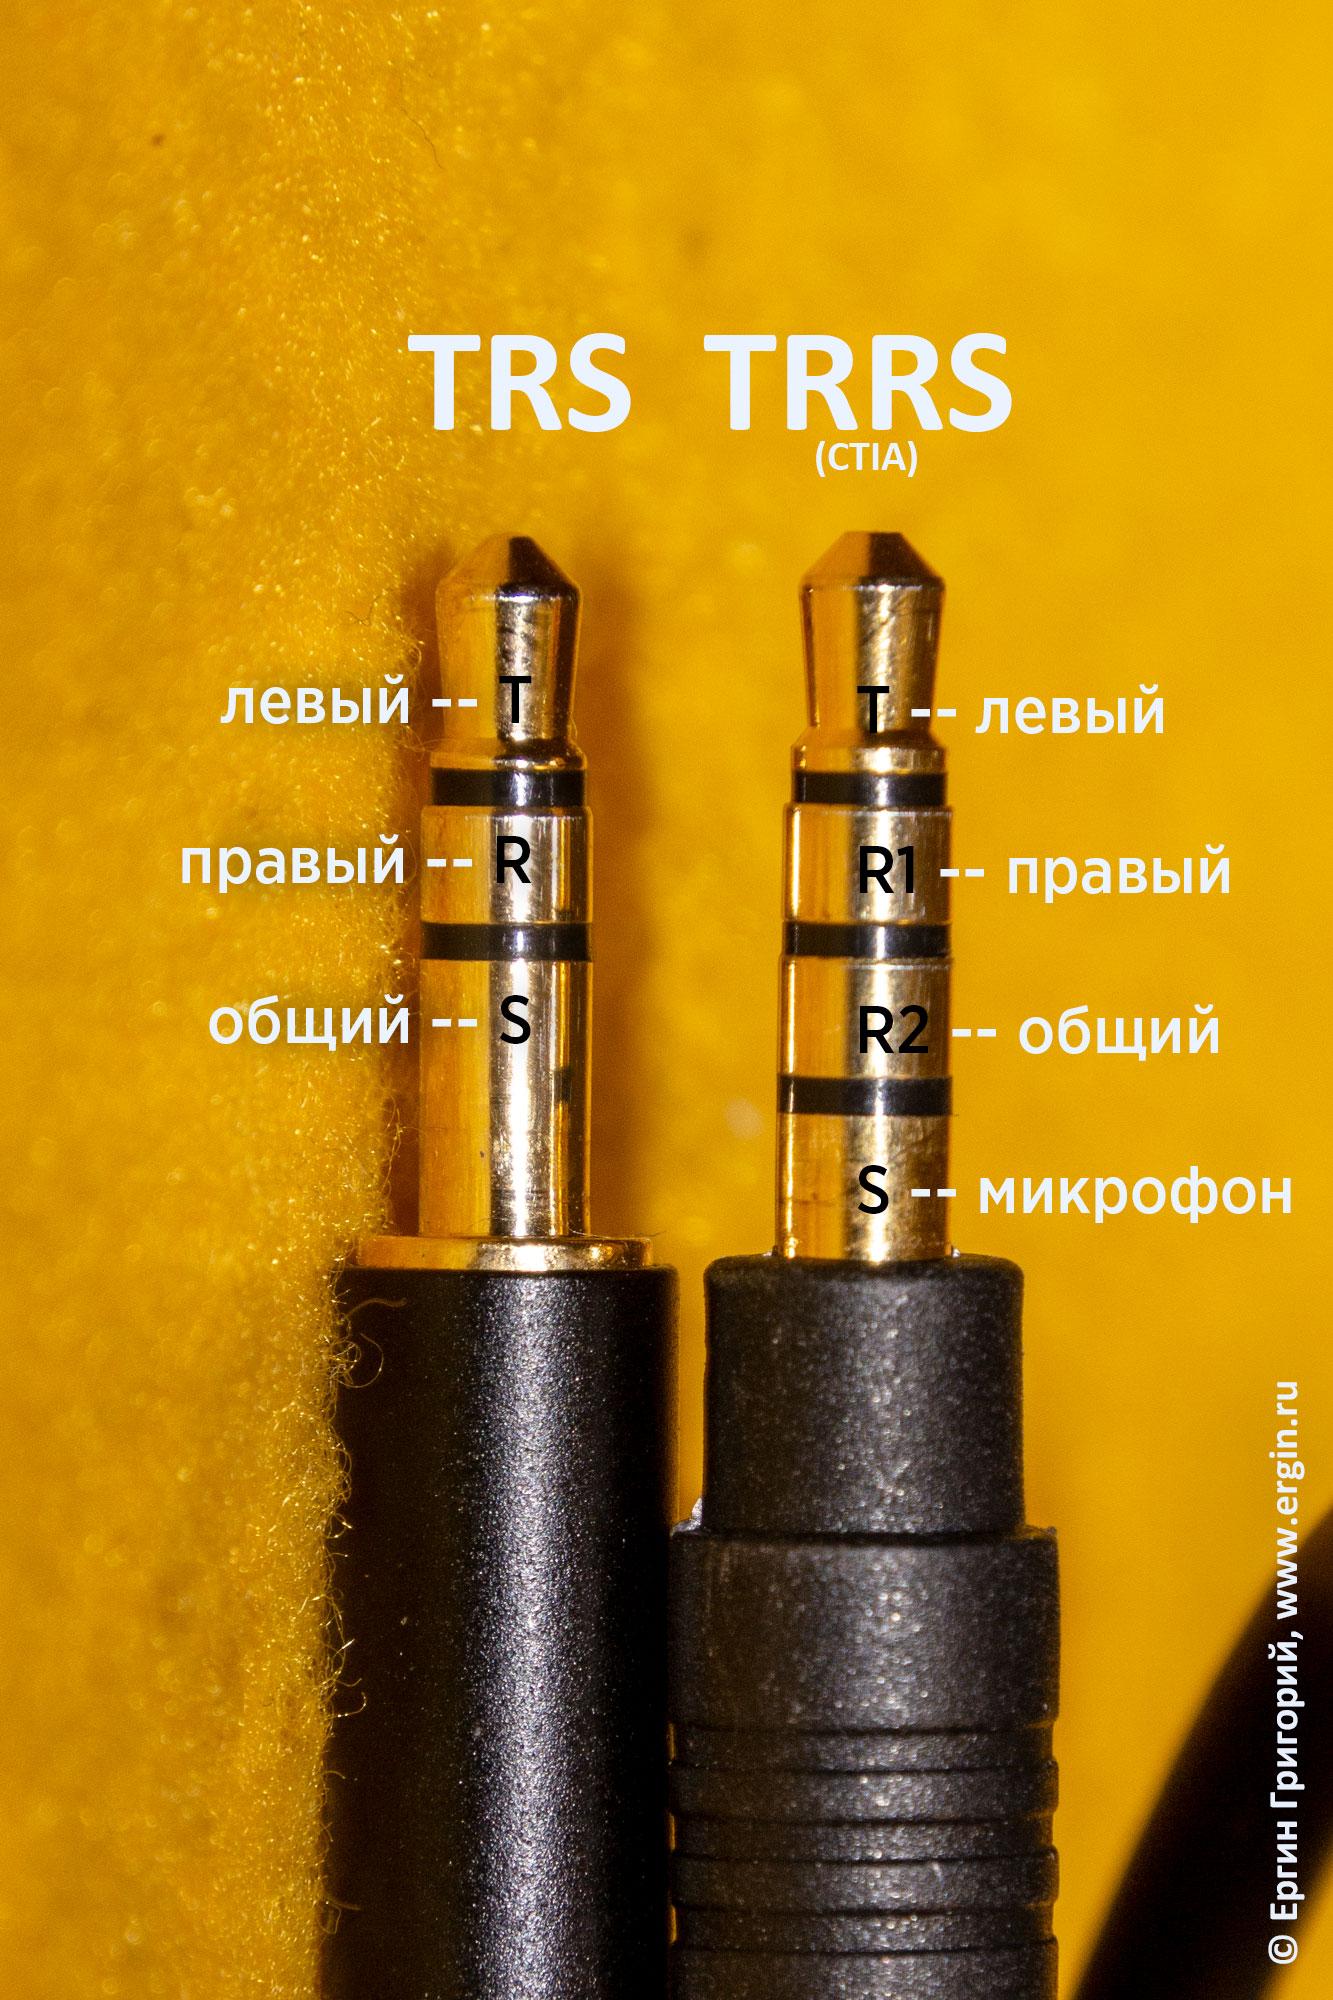 Разъемы джек jack 3,5 мм распайка контактов для наушников(TRS) и смартфона (TRRS)